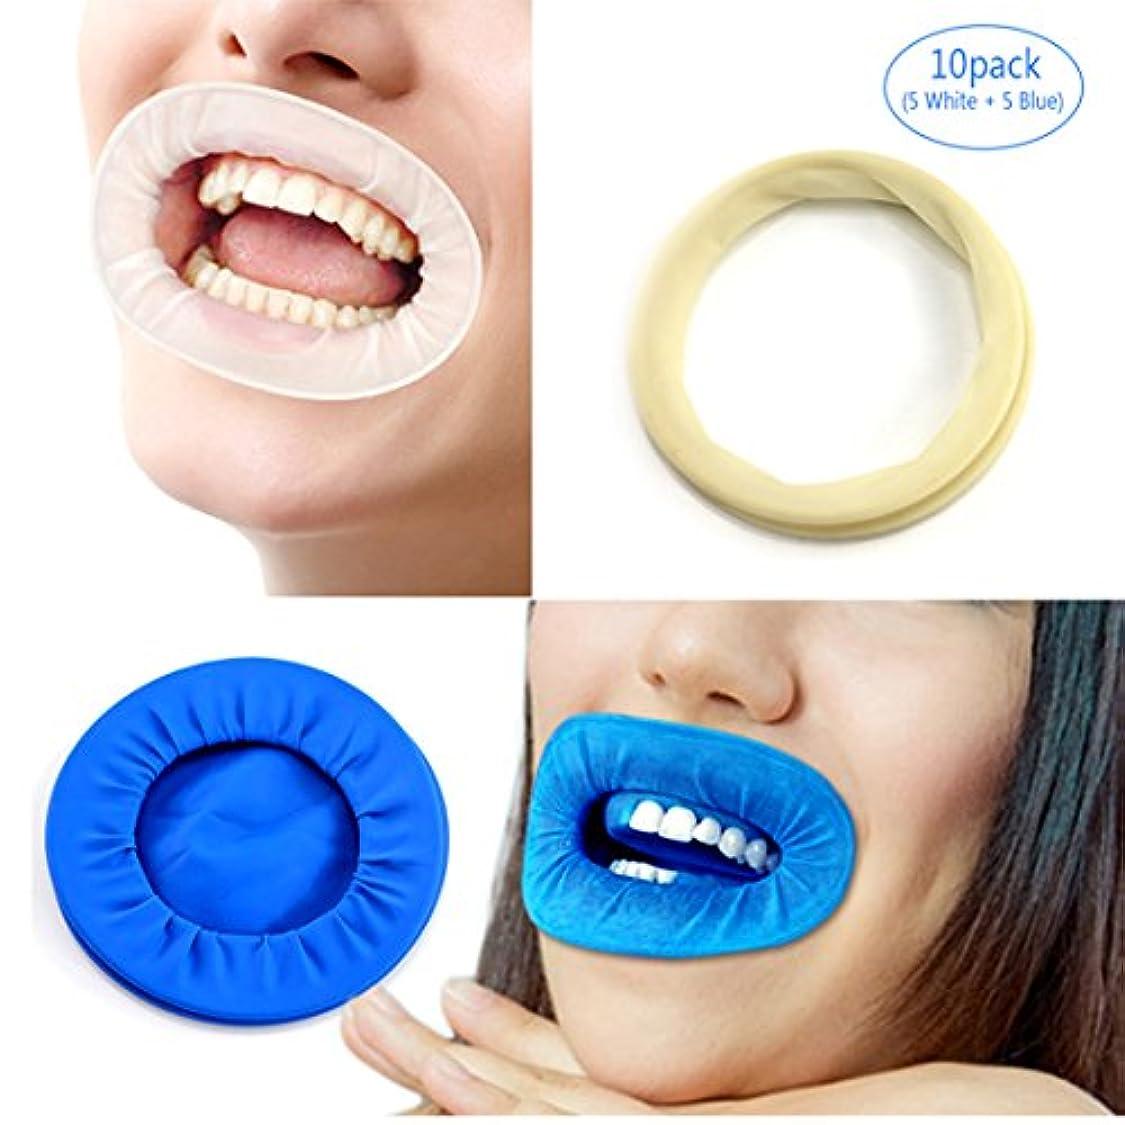 まとめるピック鰐EZGO 10個歯科用ディスポーザブル非ラテックスラバーティックリトラクタ、ラバーダム&マウスギャグオープナーは歯を分離し、液体、感染症および過酷な化学物質から口を保護します(10パック) (5white+5blue)